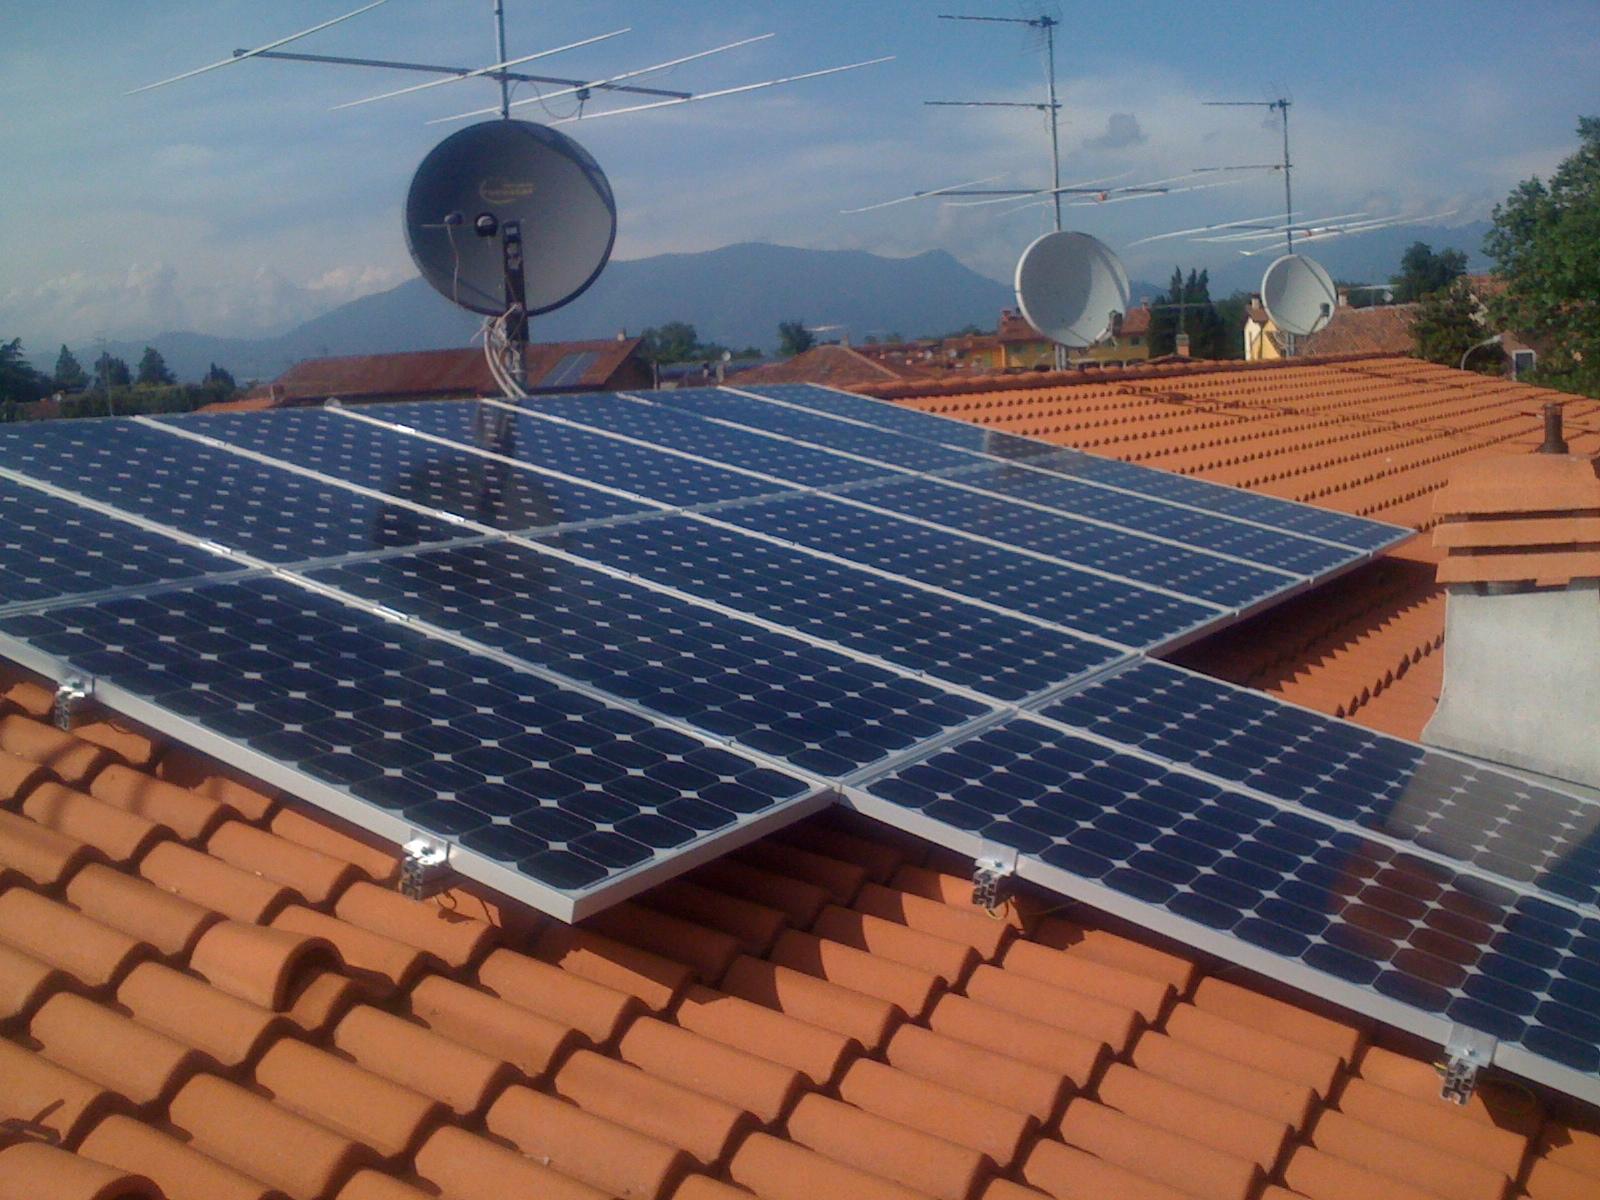 Pannello Solare Termico Tetto : Boss ecologista a napoli la sua casa era abusiva ma